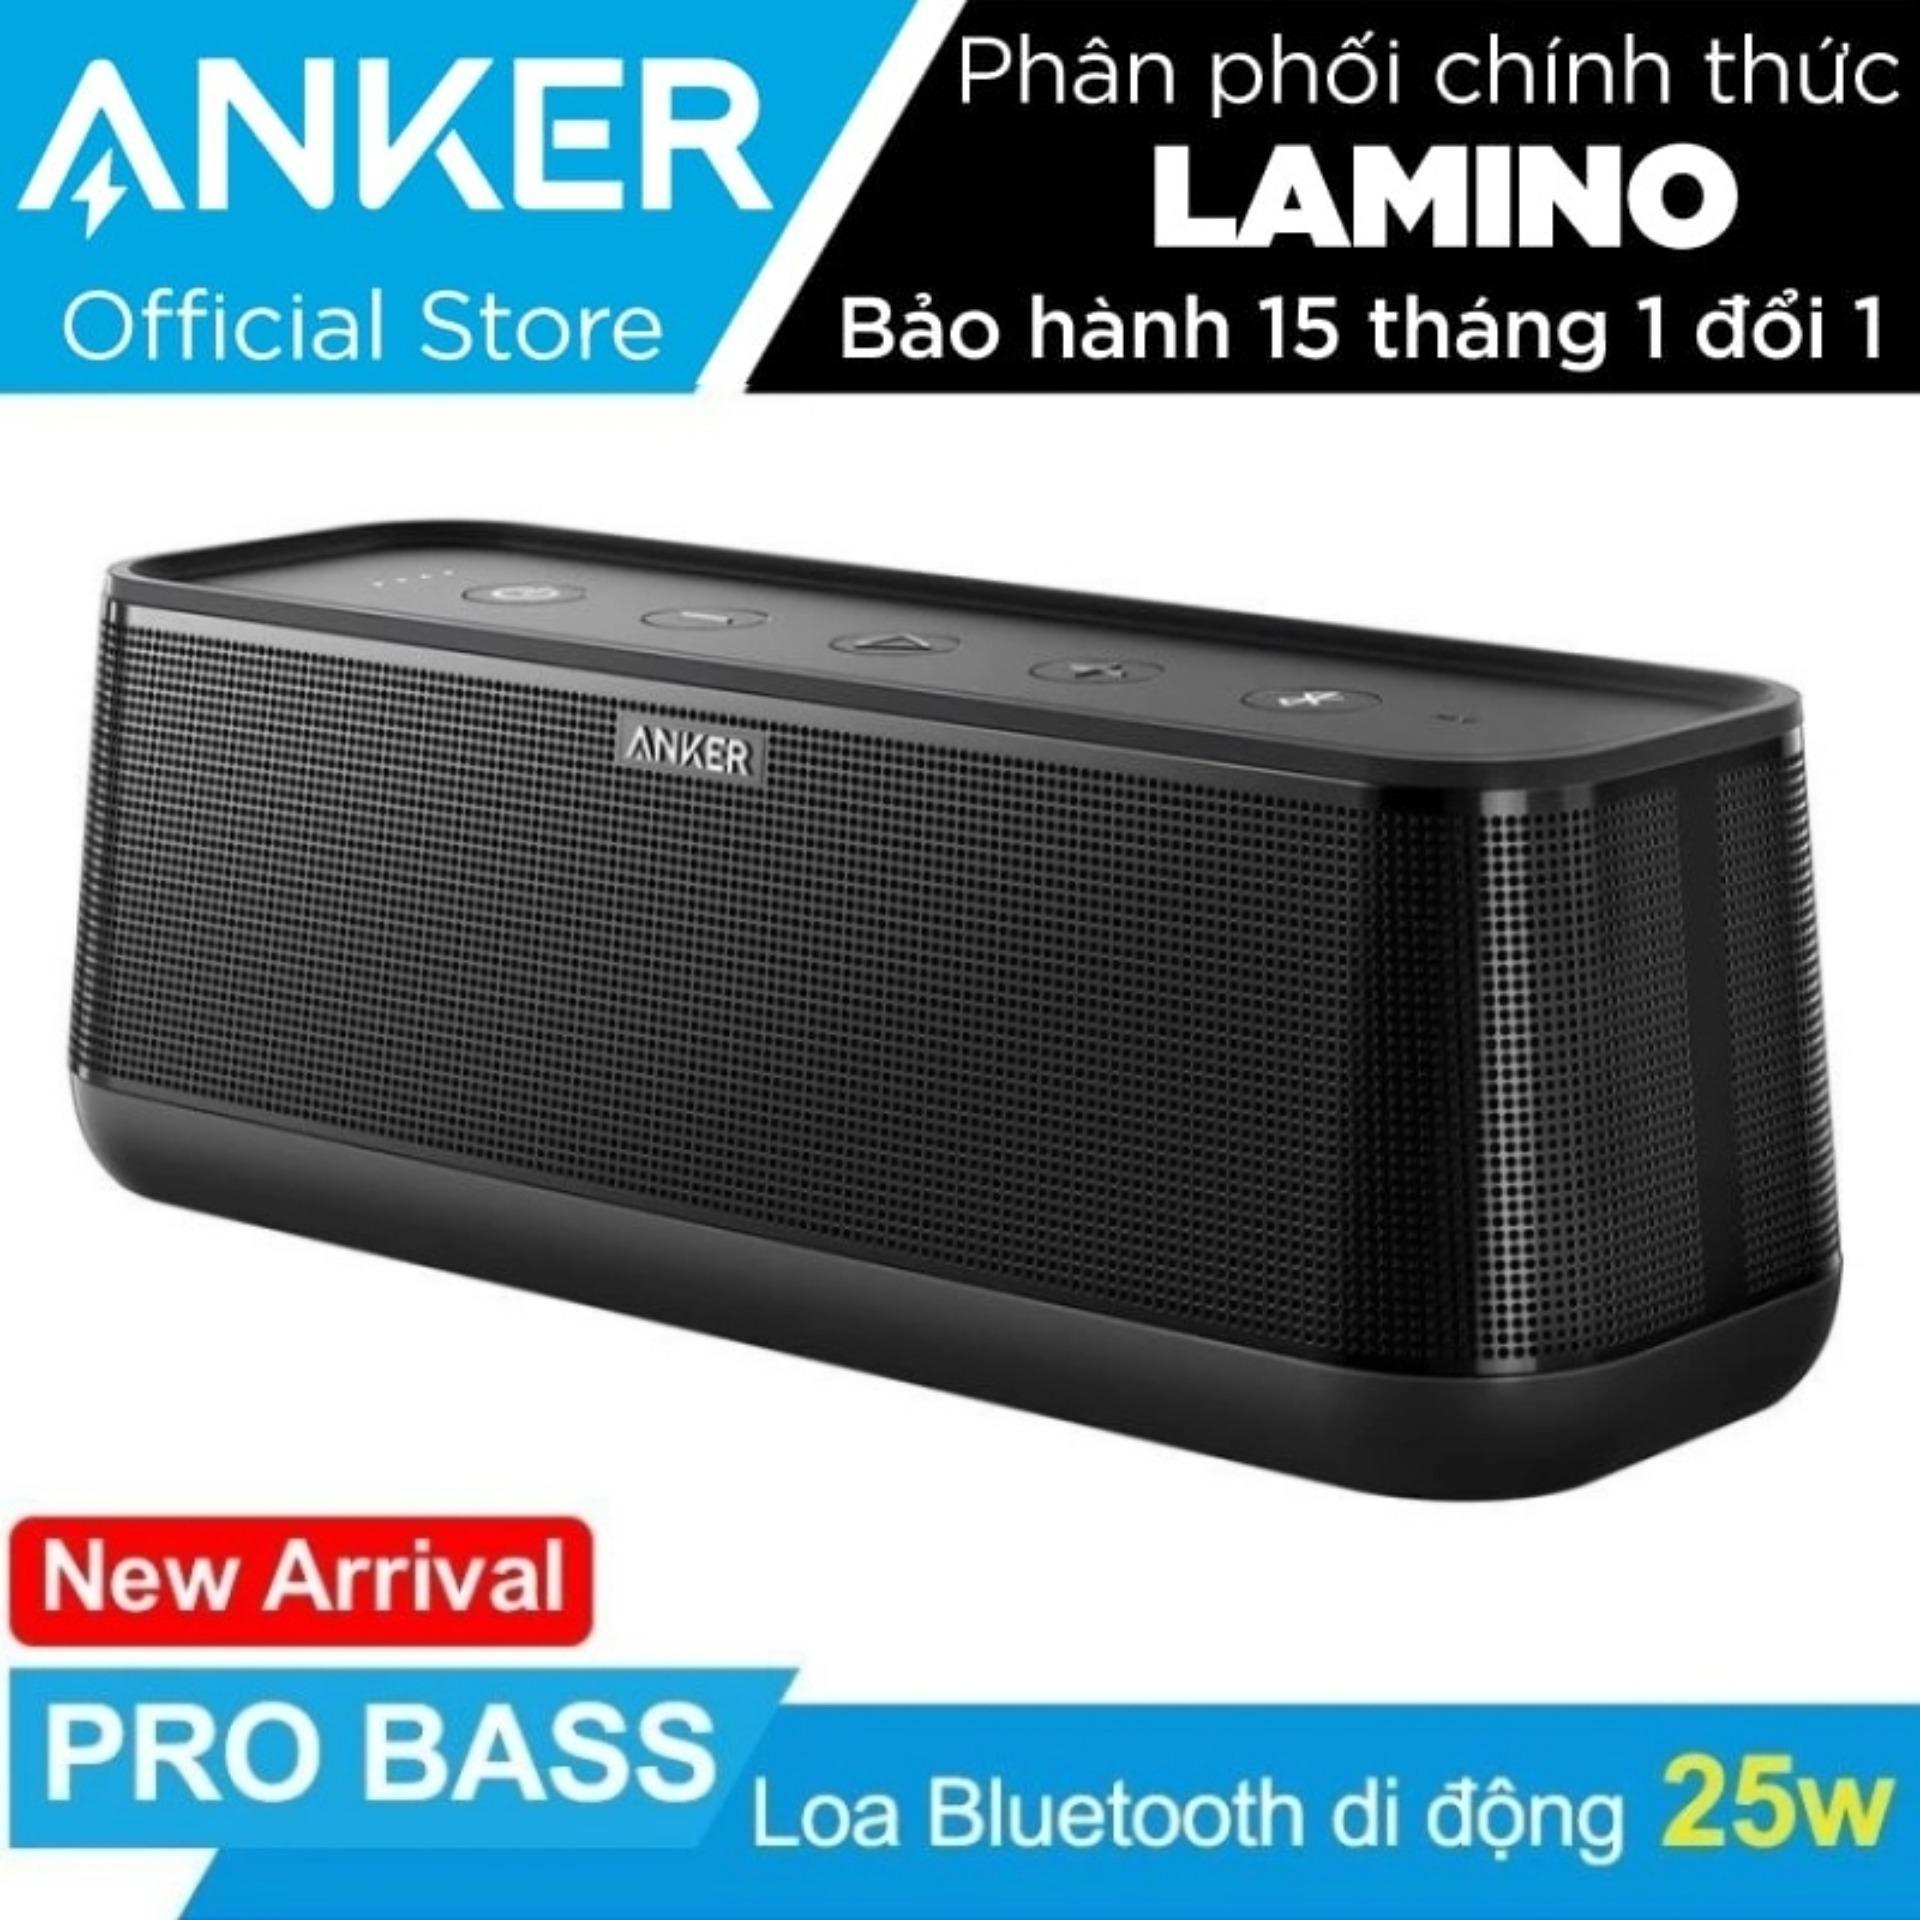 Bán Loa Bluetooth Di Động Anker Soundcore Pro 25W Hang Phan Phối Chinh Thức Có Thương Hiệu Nguyên